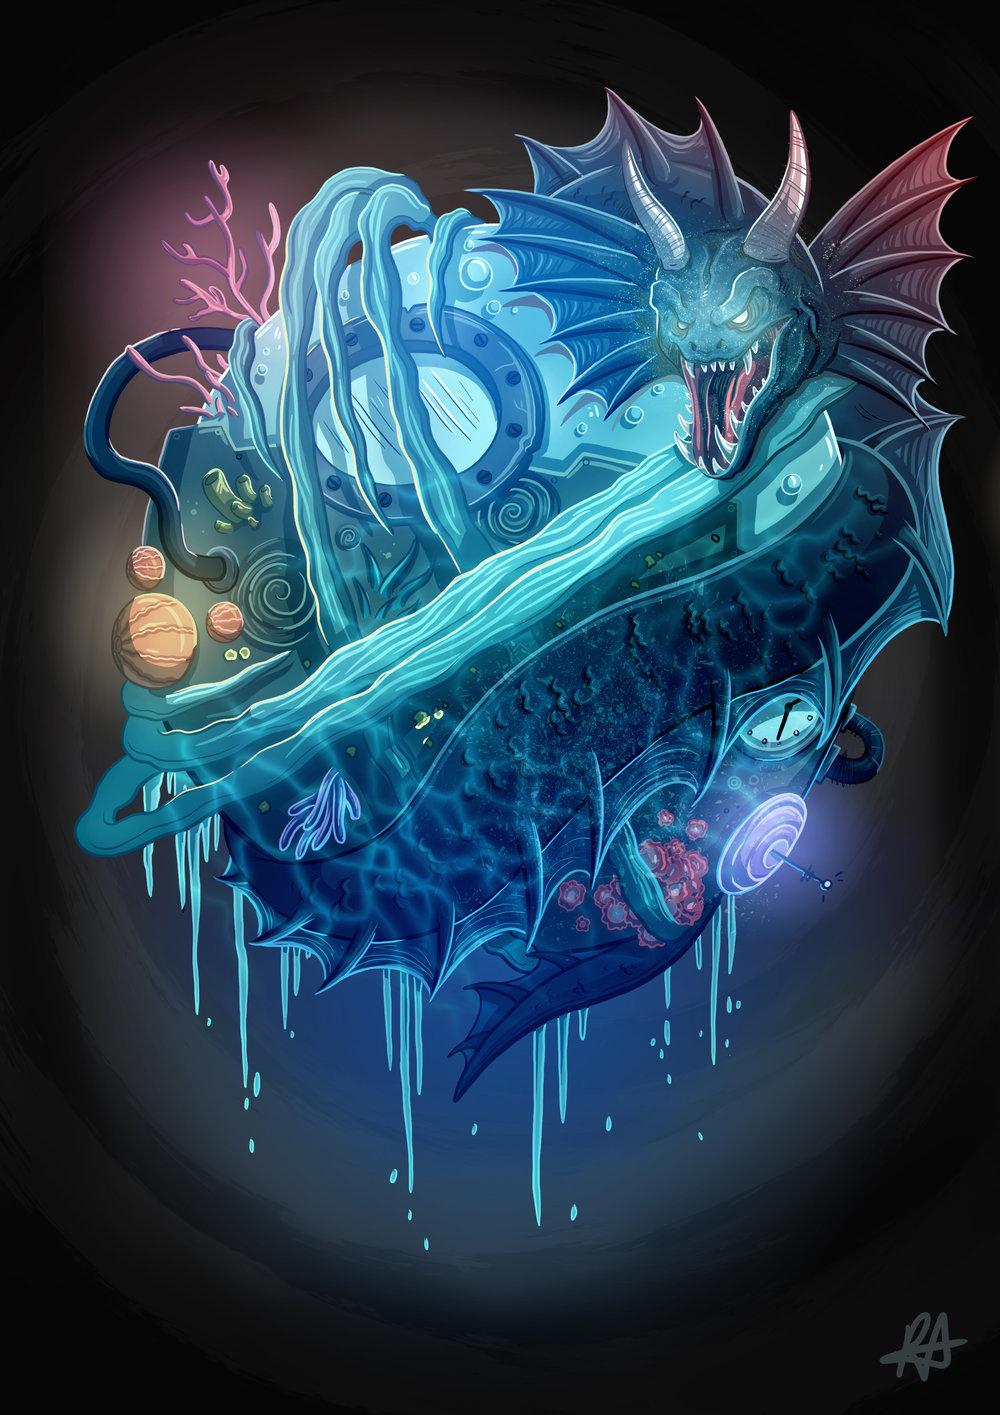 Time_underwater 2_fla.jpg